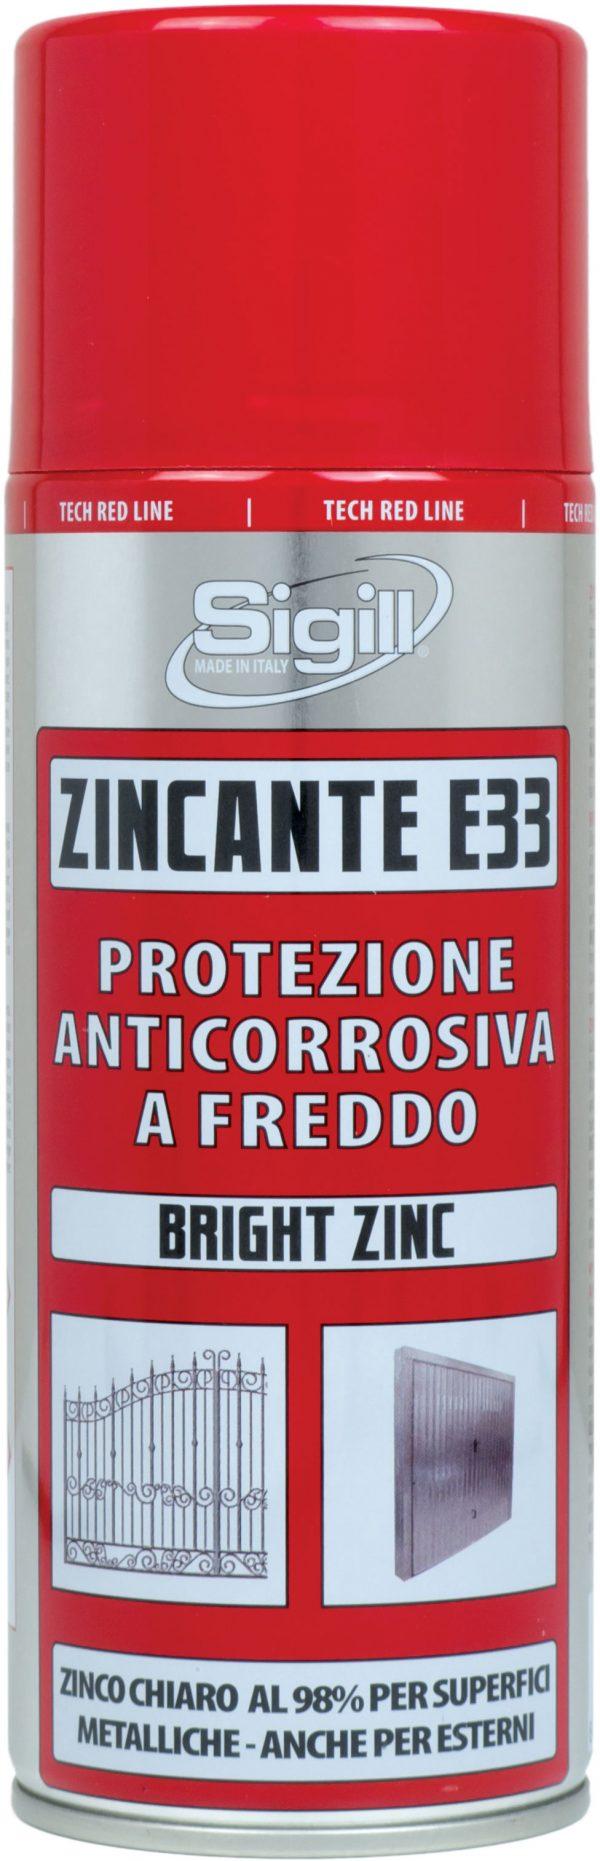 protezione anti corrosione a freddo